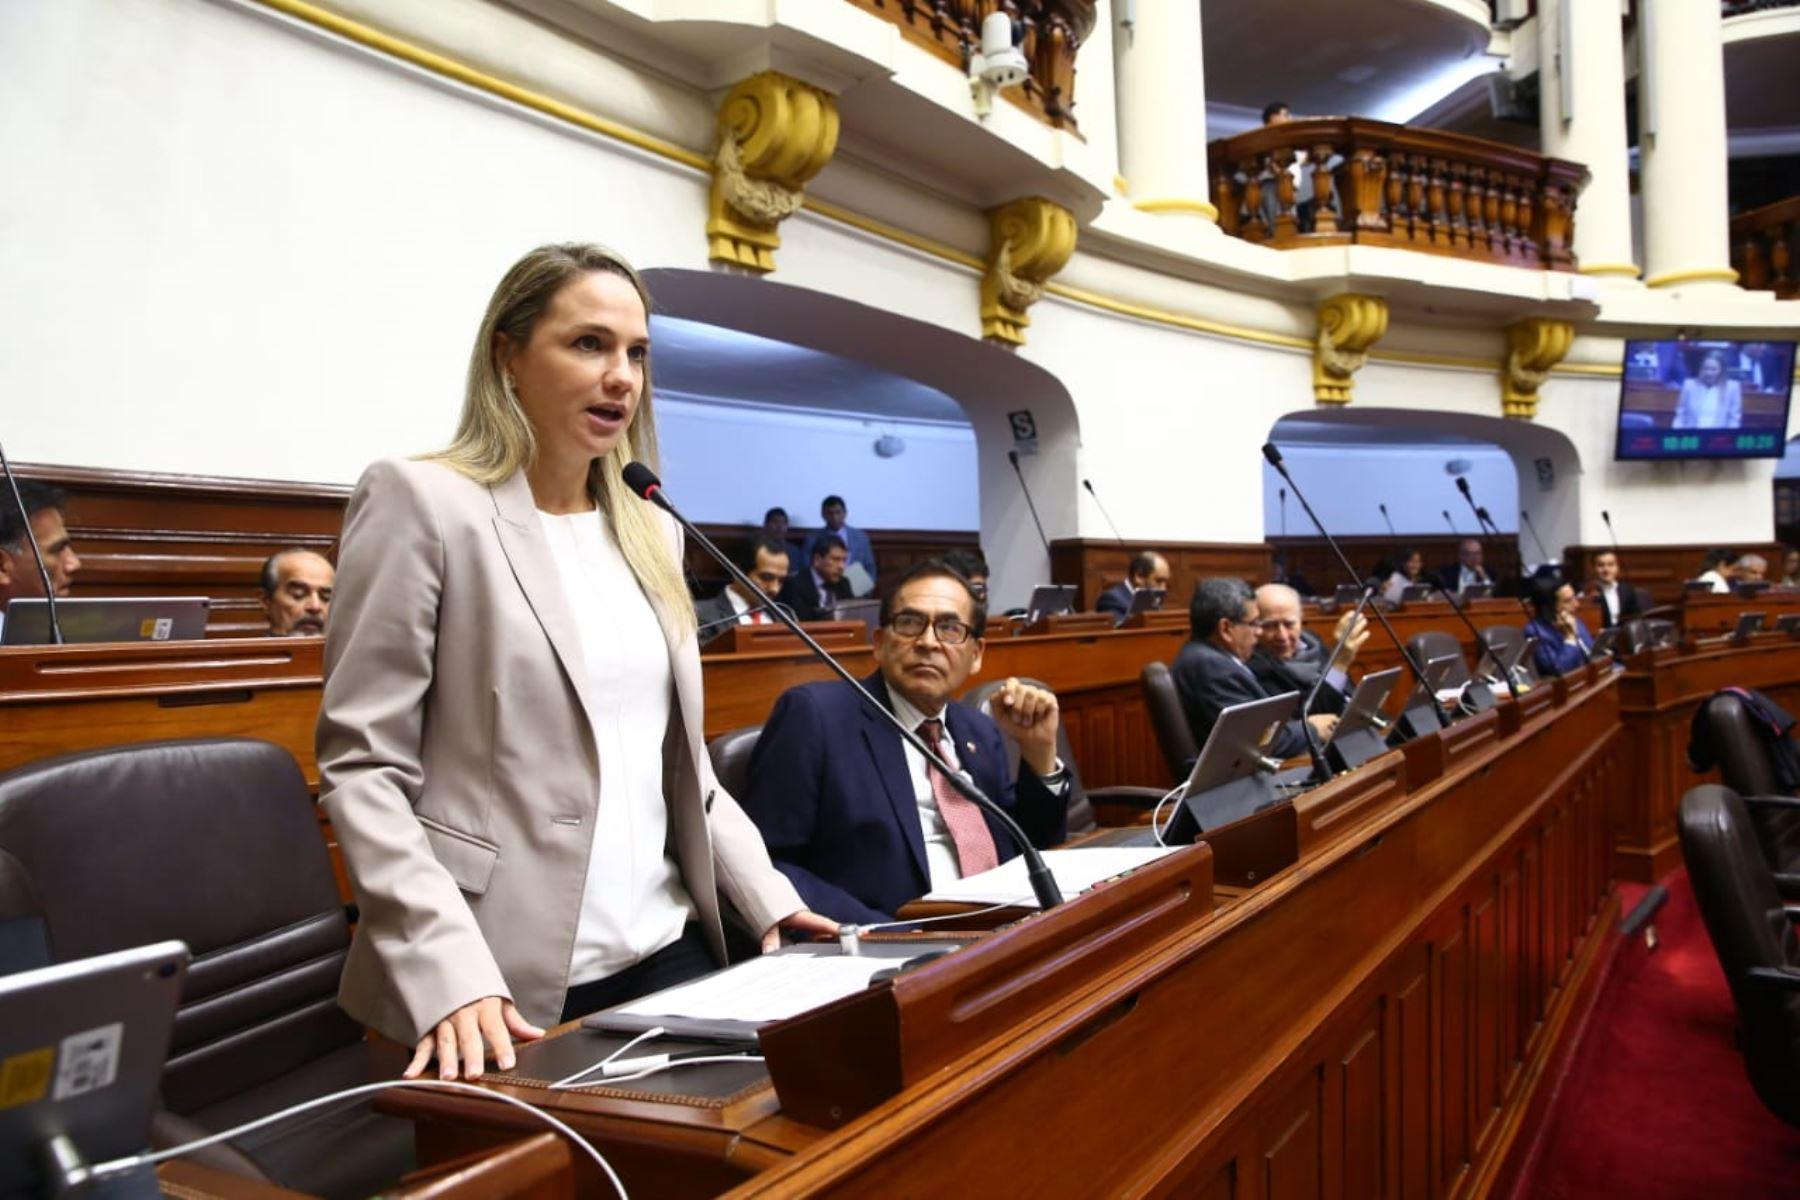 Presidenta de la Comisión de Levatamiento de Inmunidad Parlamentaria, Luciana León (Apra). Foto: Congreso